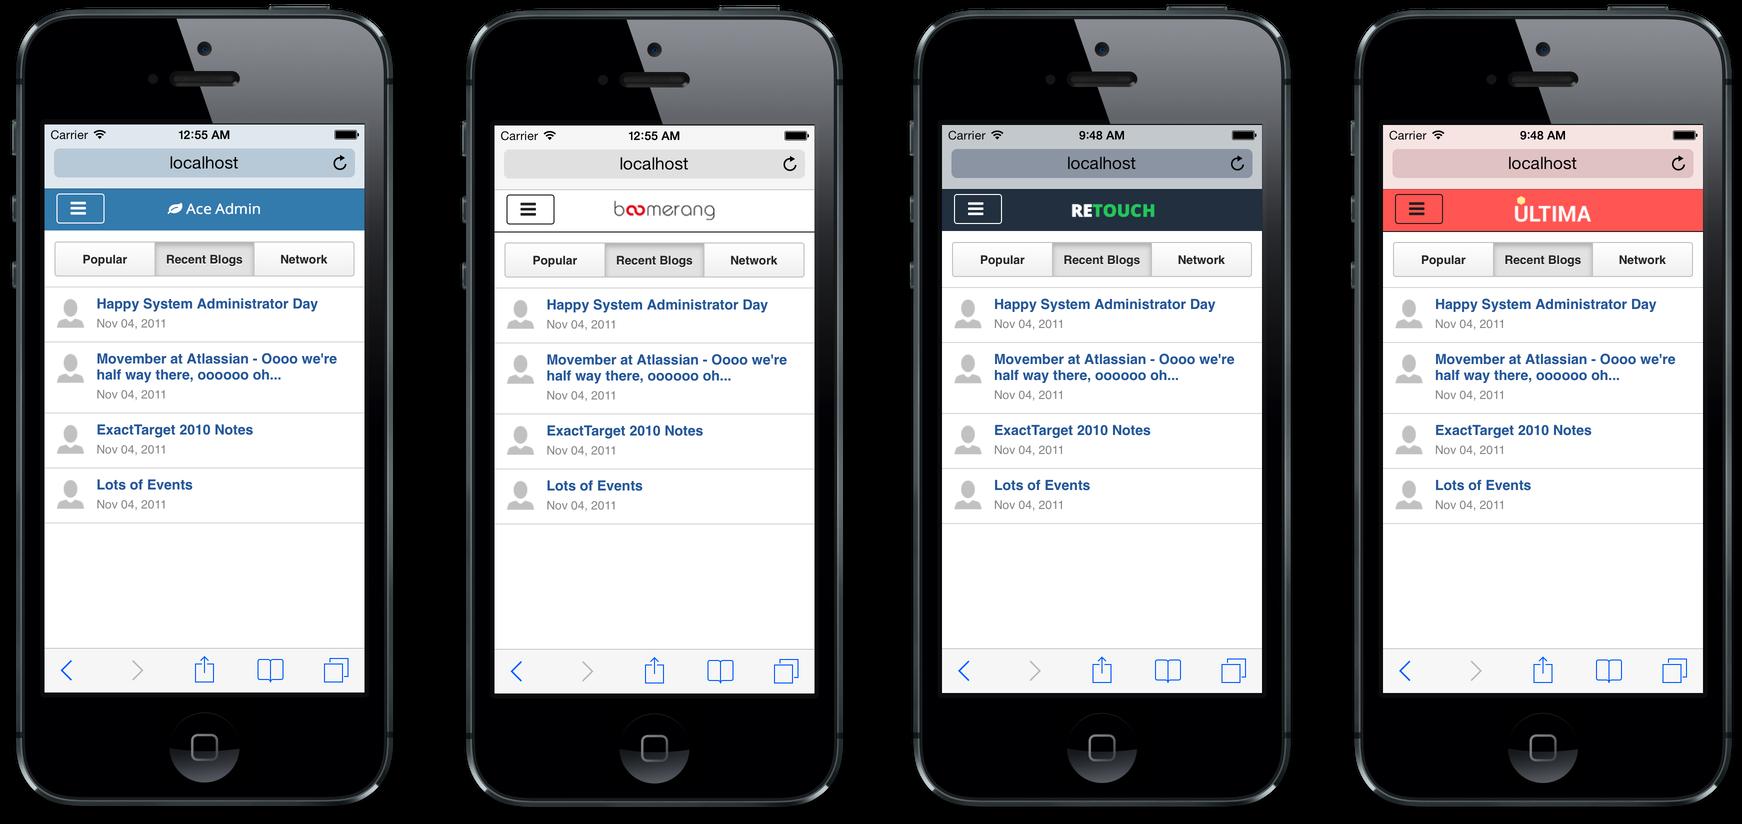 Download HD Your Logo - Uber Login App Transparent PNG Image